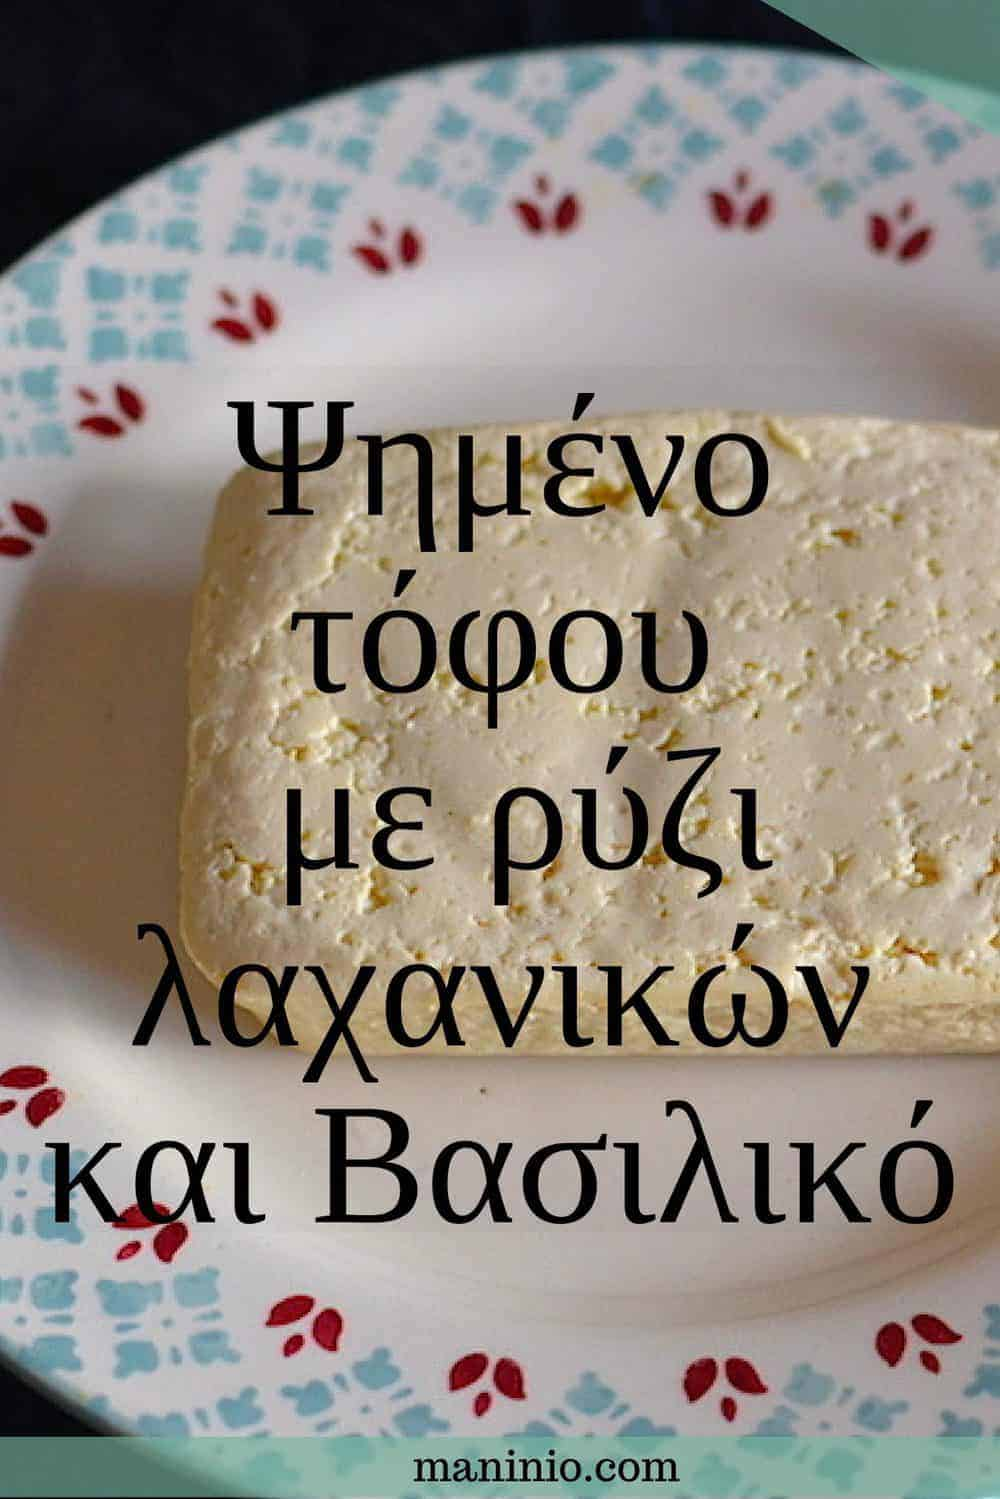 Τόφου μπλόγκ. Ψημένο τόφου με ρύζι λαχανικών και Βασιλικό. maninio.com #τόφουψημένο